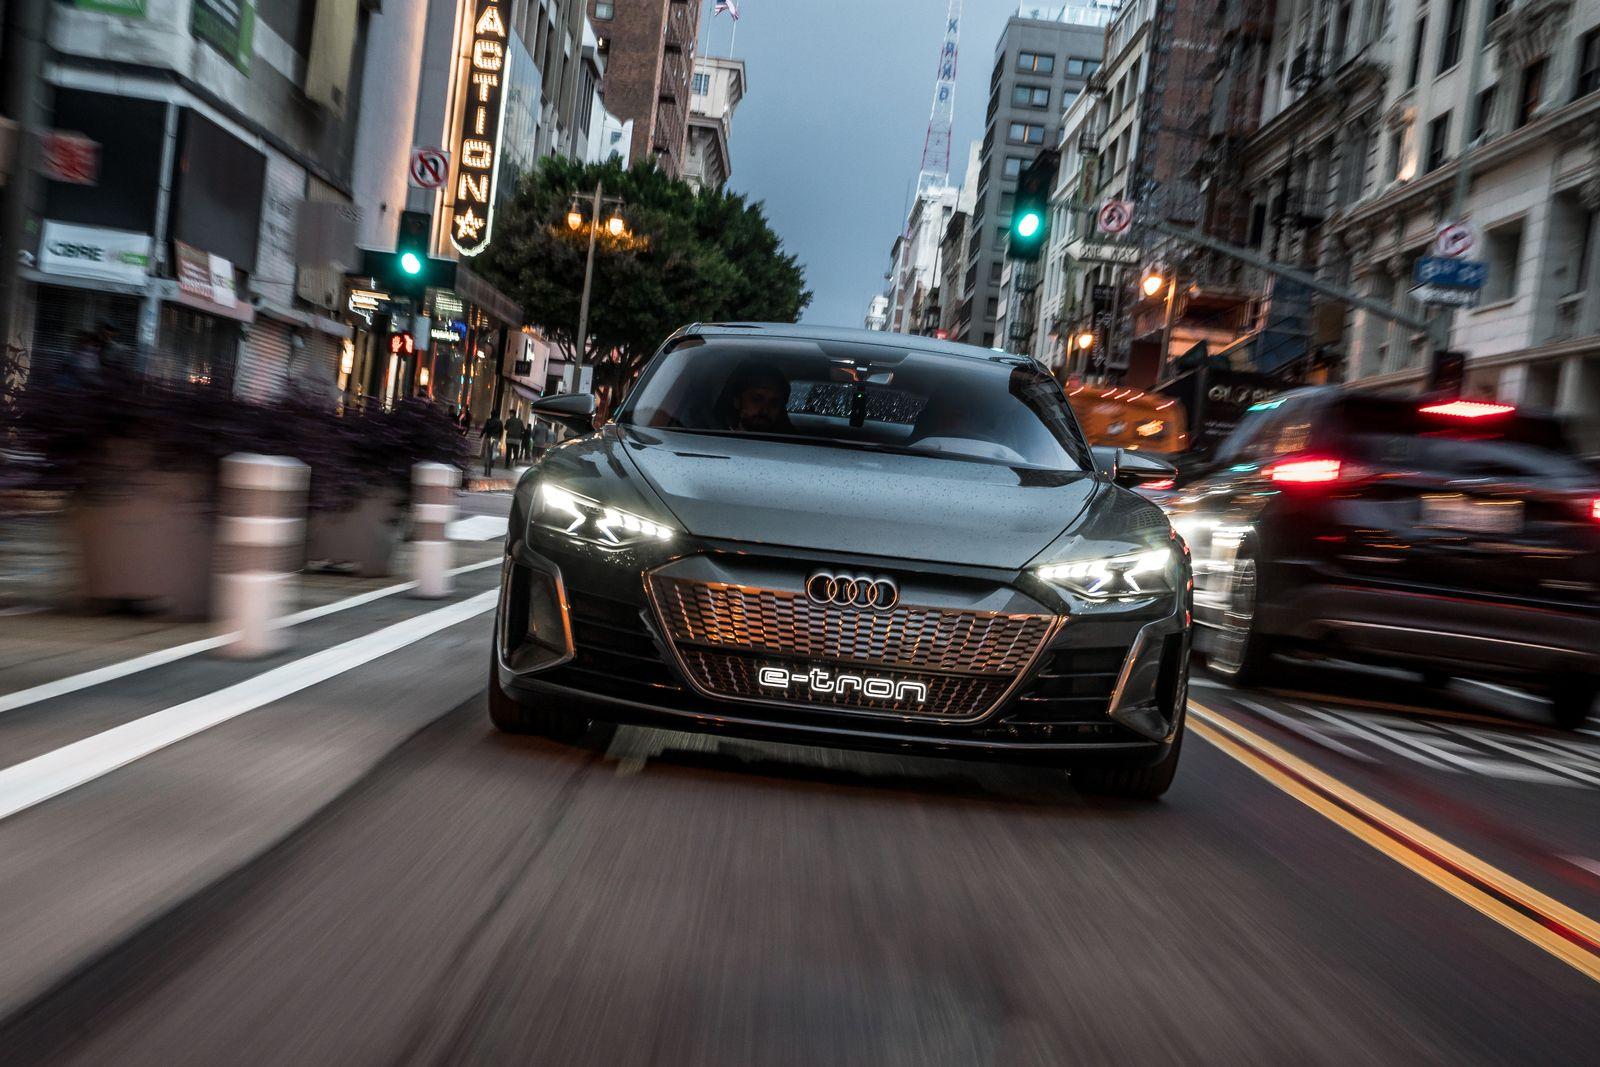 2018 / Audi E-Tron GT